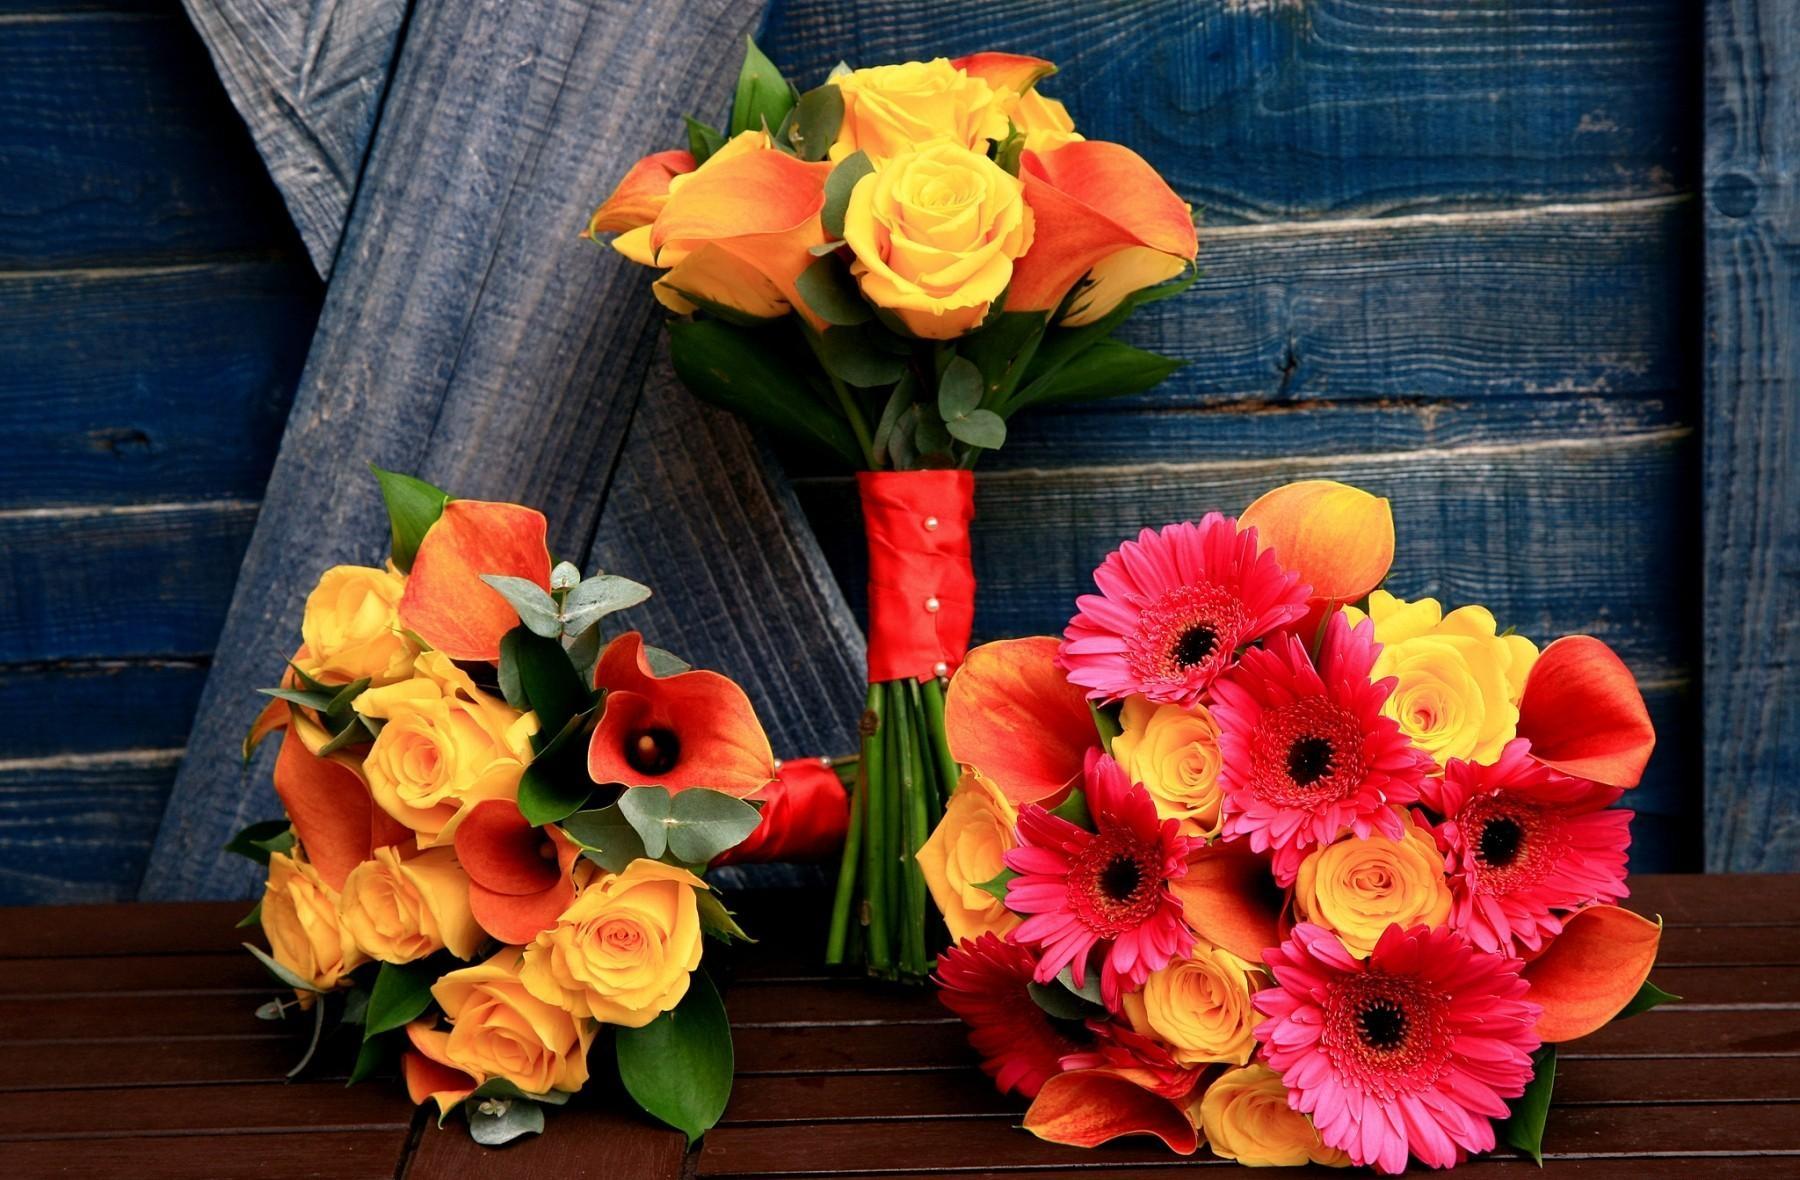 102303 télécharger le fond d'écran Fleurs, Callas, Calla, Trois, Inscription, Typographie, Tableau, Table, Bois, Arbre, Roses, Gerberas, Bouquets - économiseurs d'écran et images gratuitement